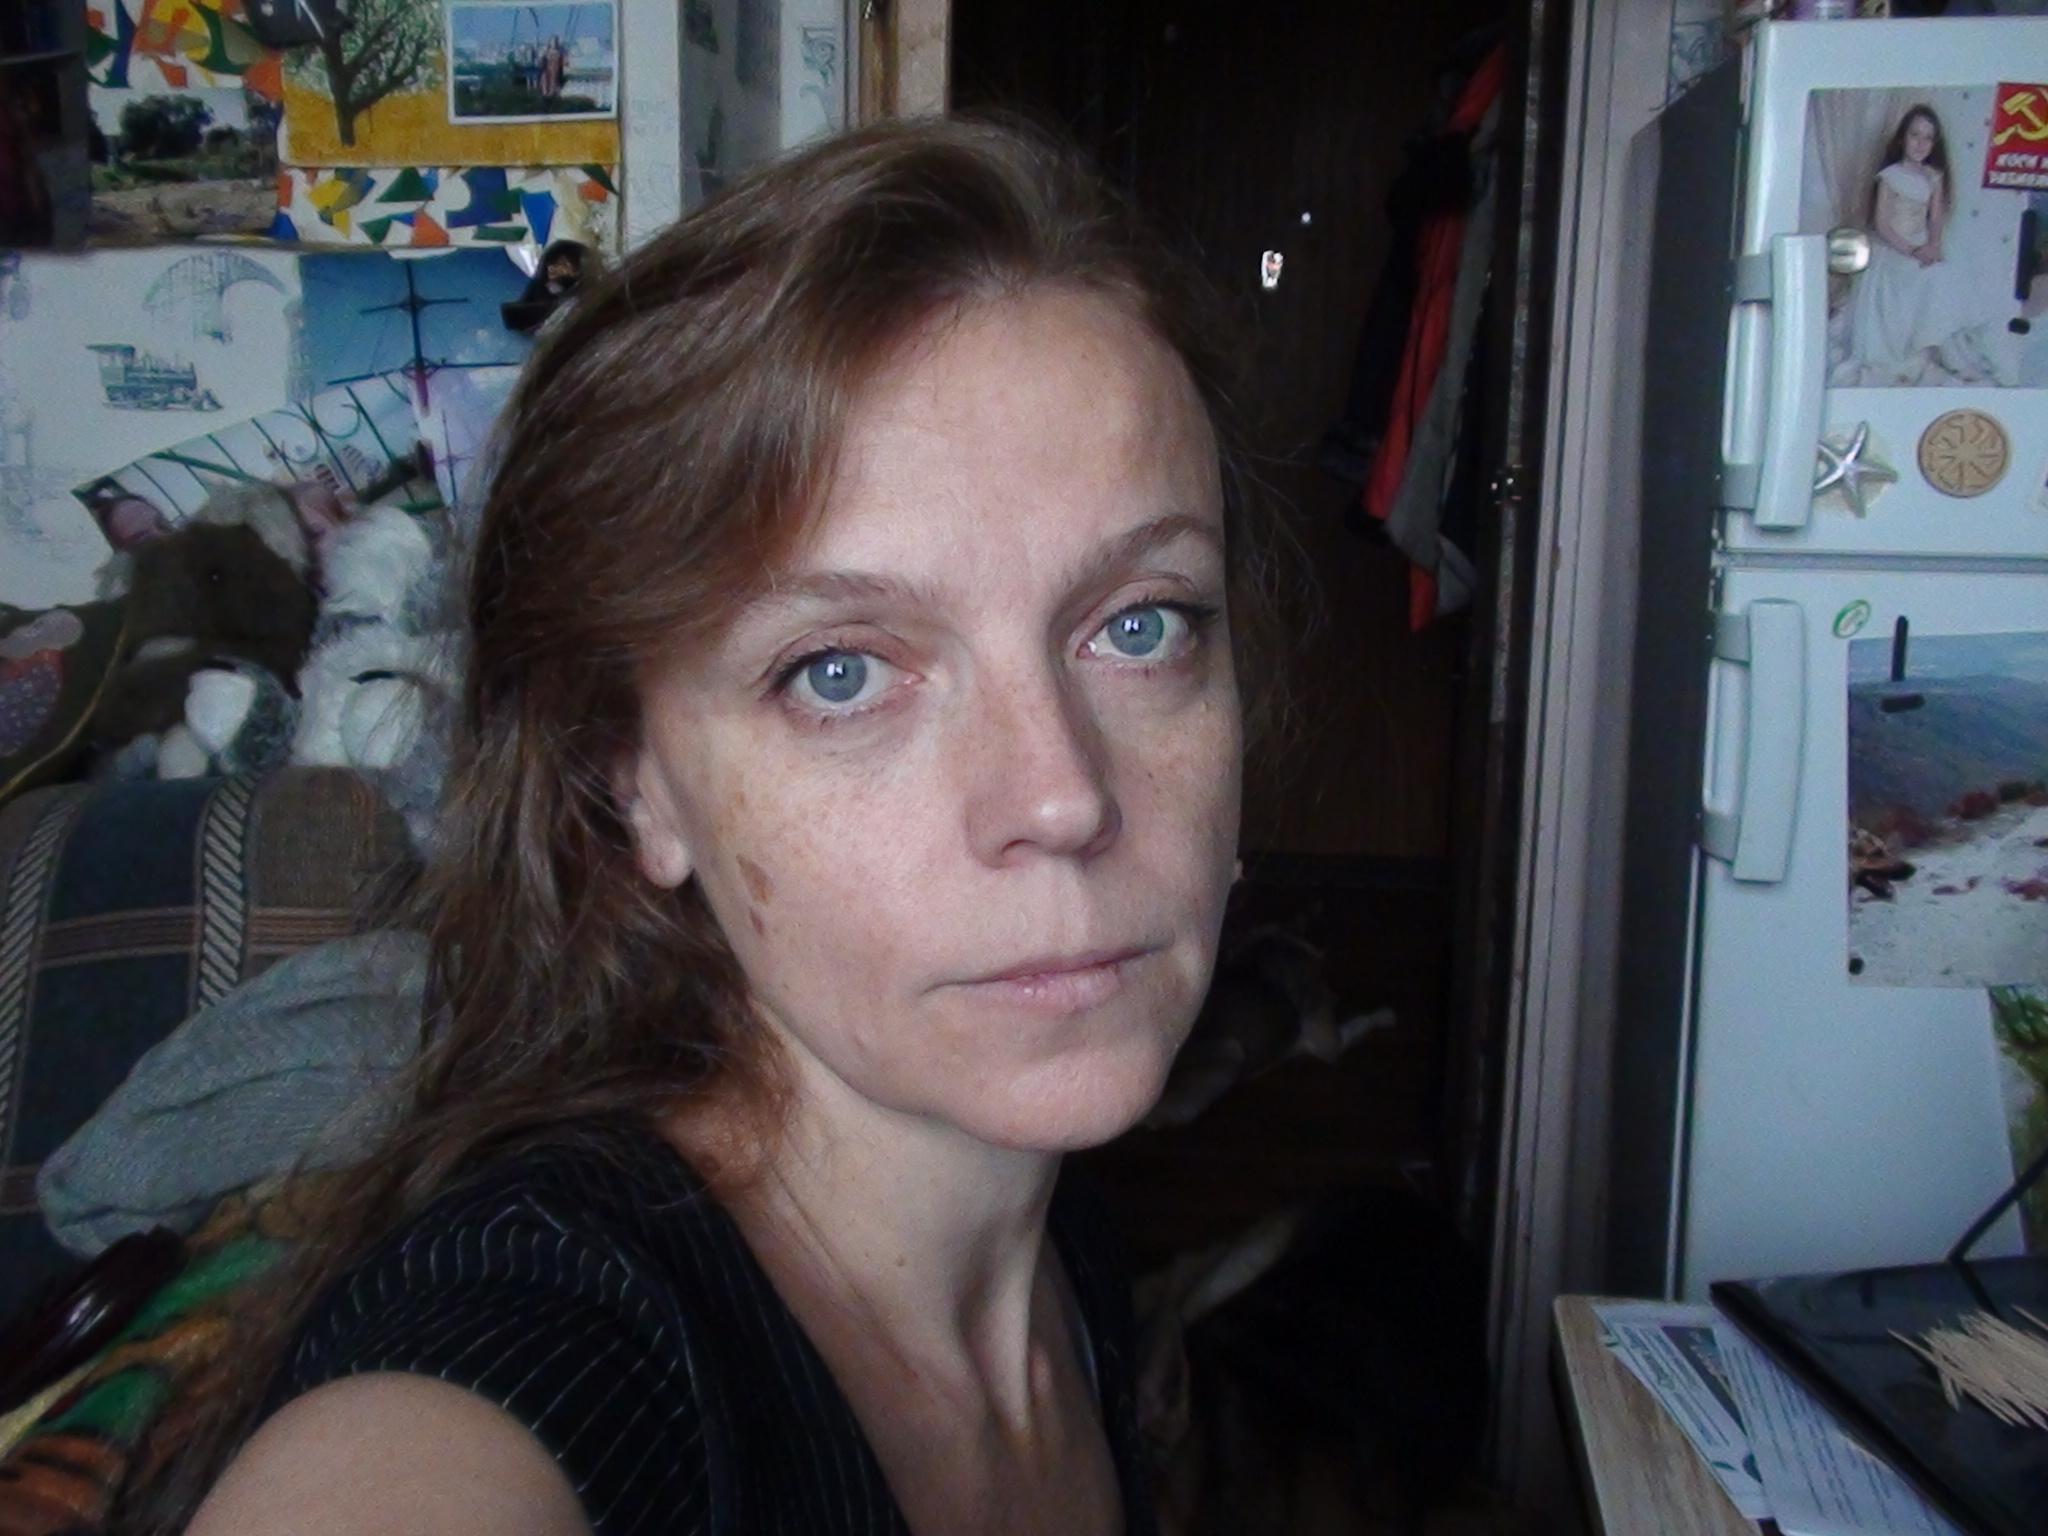 Укромное проститутки инди в москве дал право